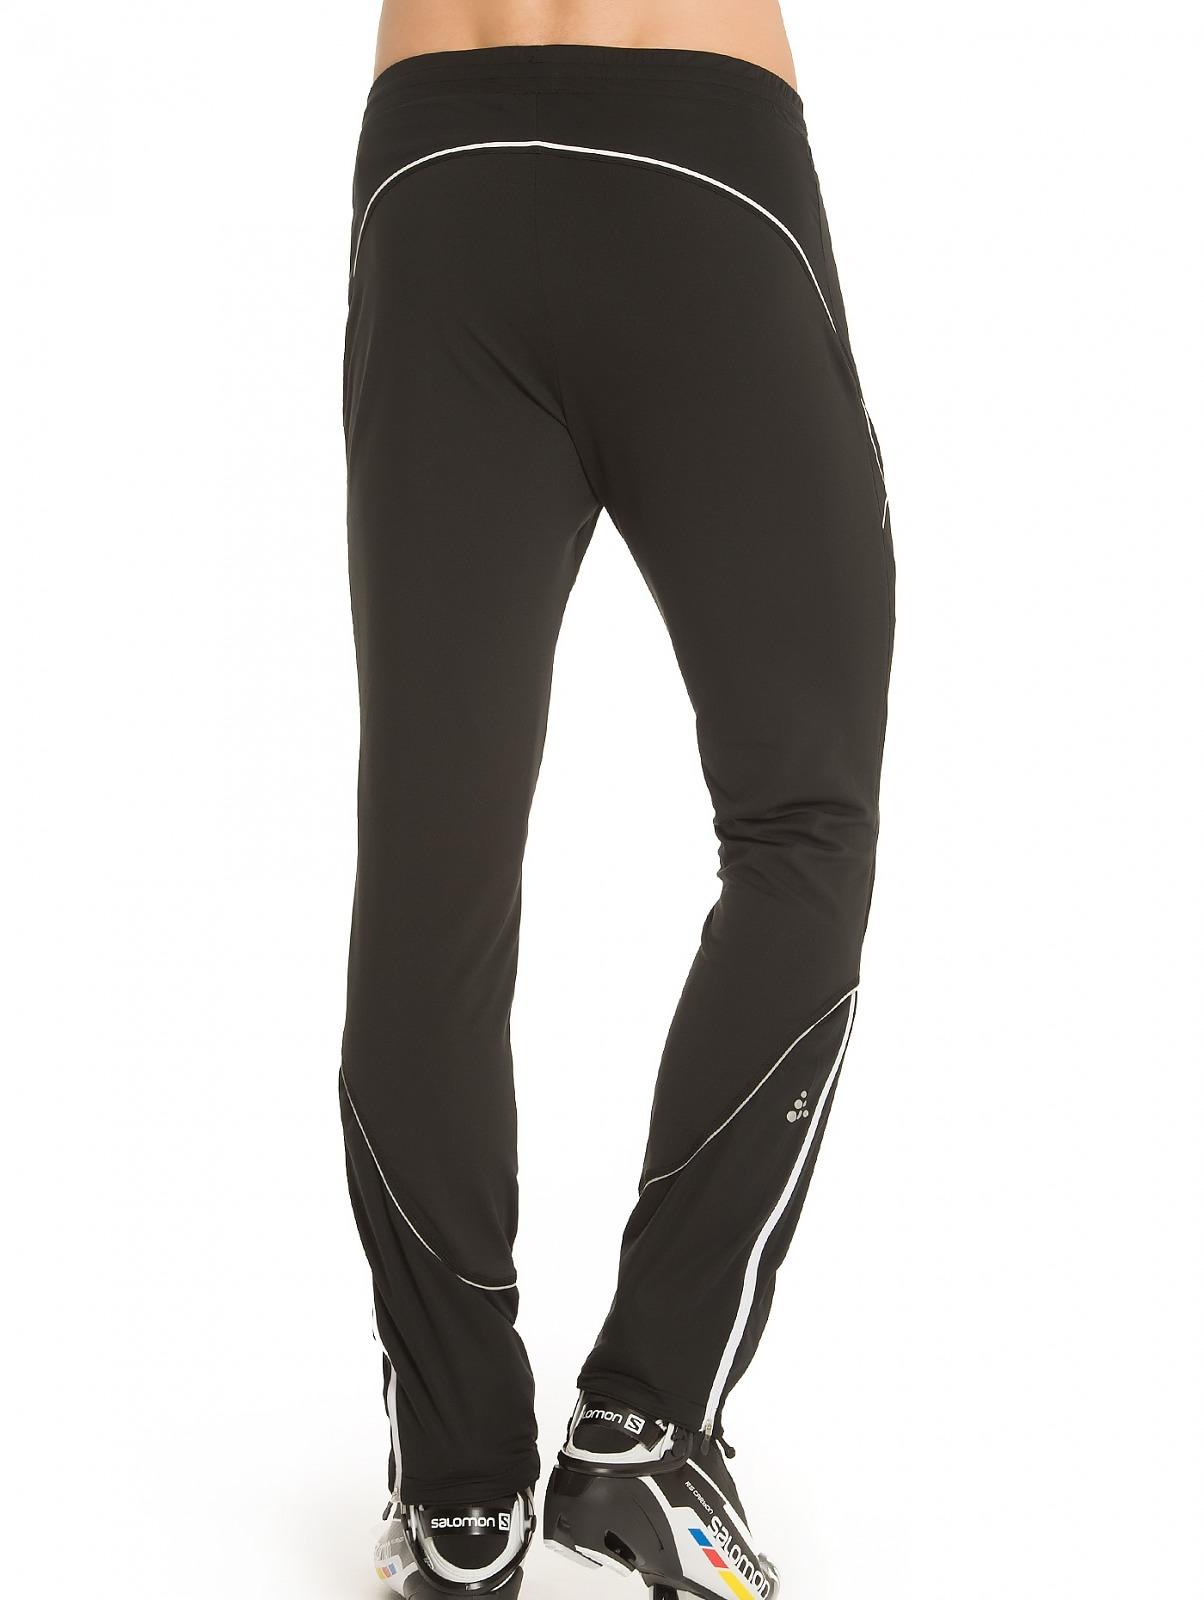 Элитный лыжный тренировочный костюм Craft High Function синий